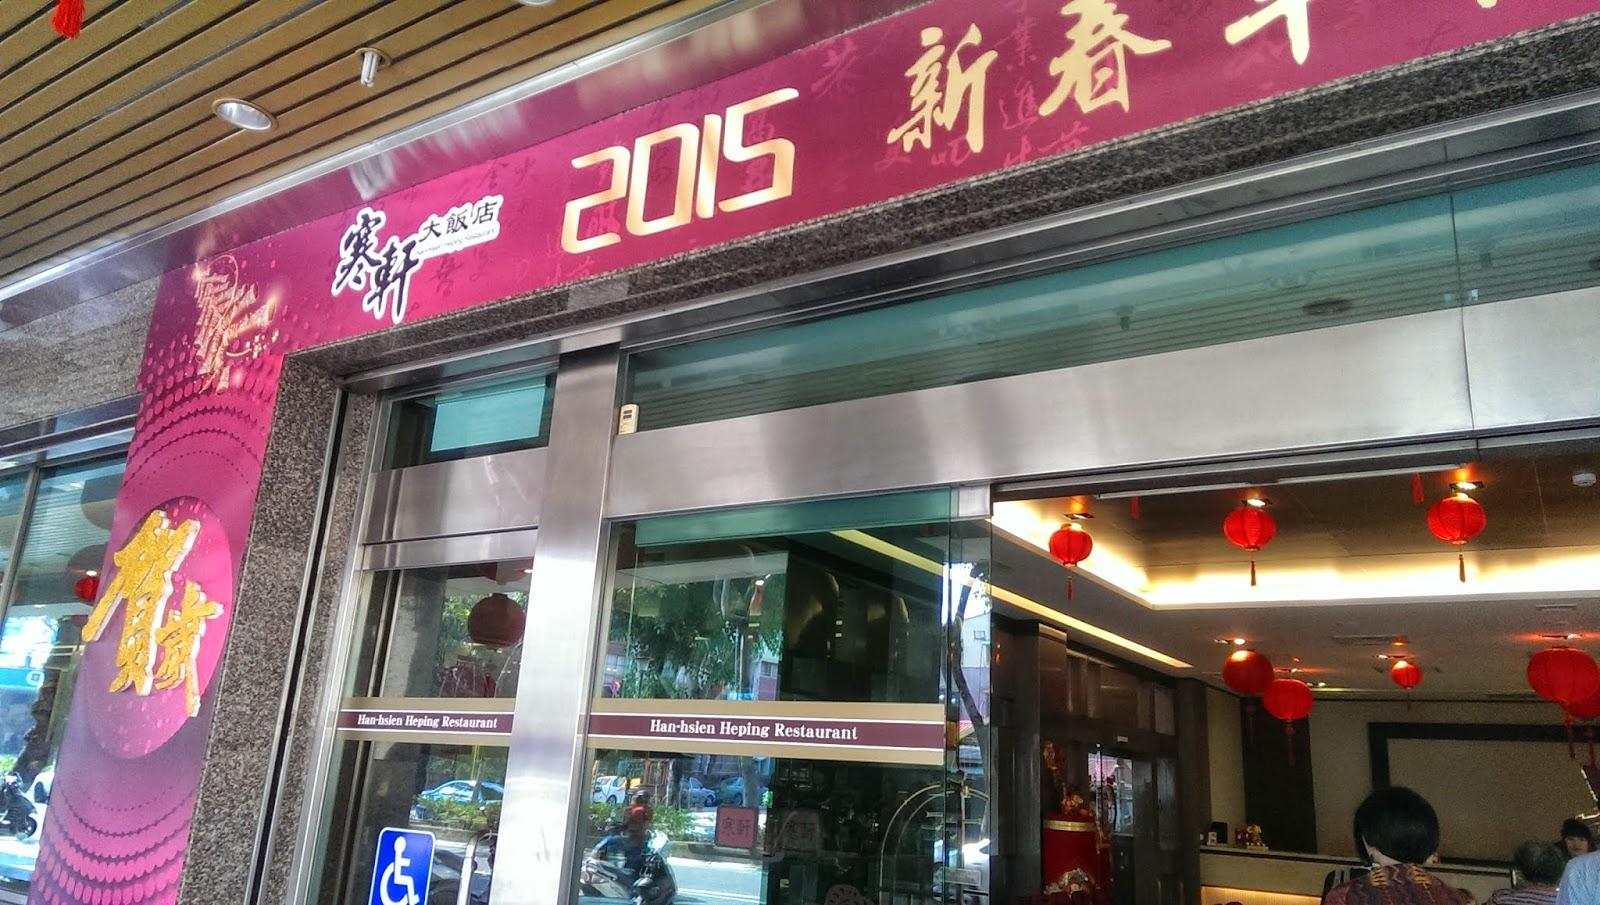 2015 01 25%2B11.14.35 - [食記] 高雄寒軒大飯店 - 吃飲茶囉!開心愜意的飲茶好去處